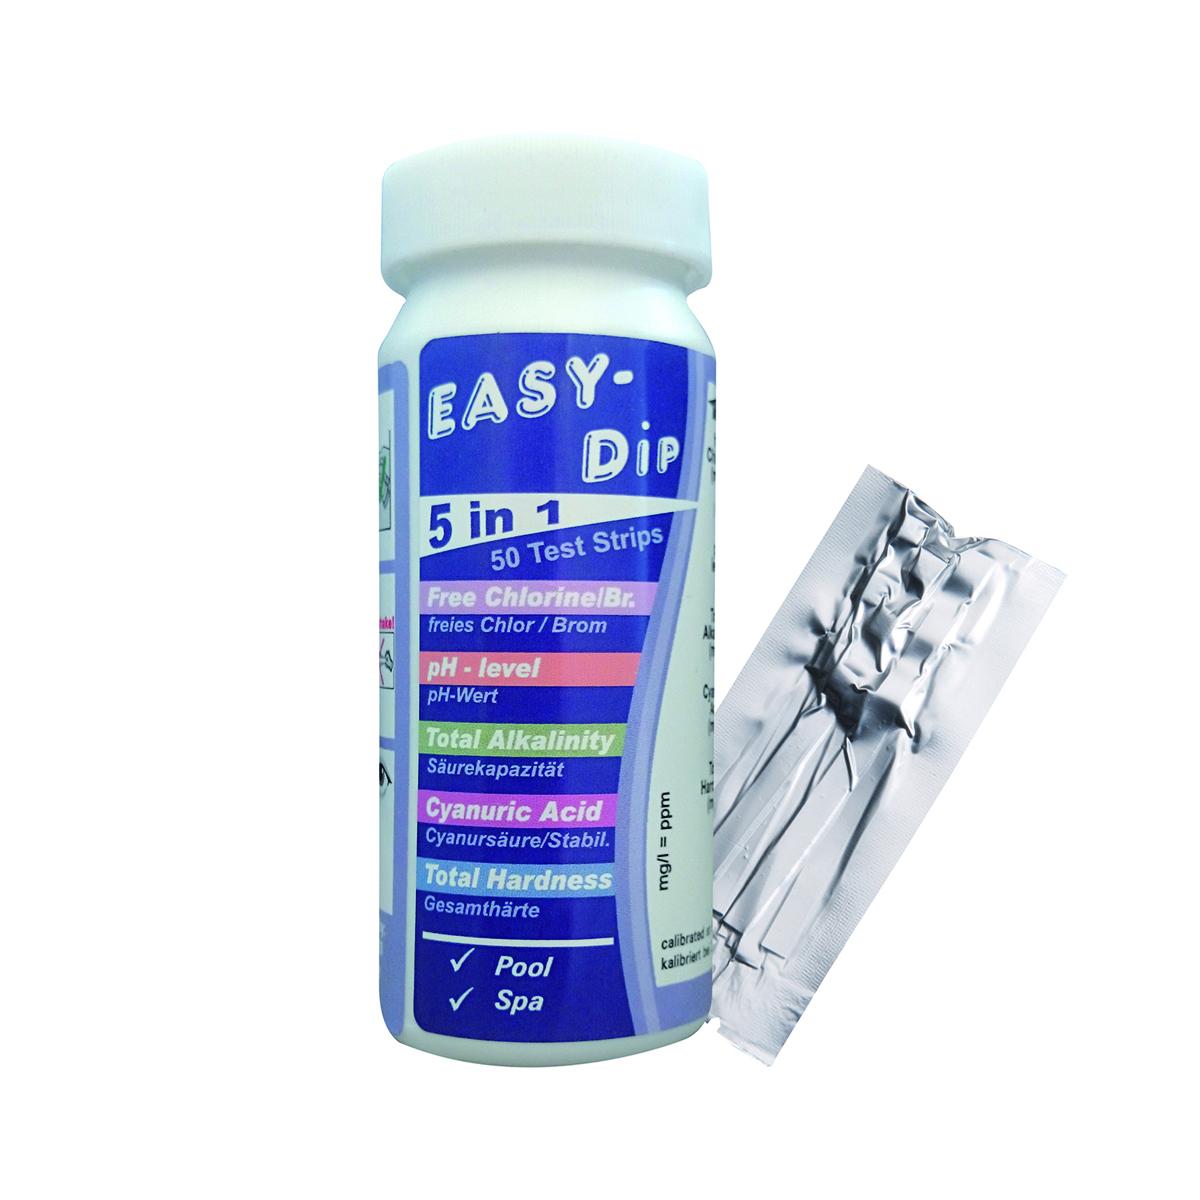 Teststreifen Smart 5 in 1, pH/Chlor/Brom/Gesamthärte/Cyanursäure und Gesamtalkalinität, 1 VE = 40 Dosen je 50 Streifen Teststreifen Smart 5 in 1, pH/Chlor/Brom/Gesamthärte/Cyanursäure und Gesamtalkalinität, 1 VE = 40 Dosen je 50 Streifen